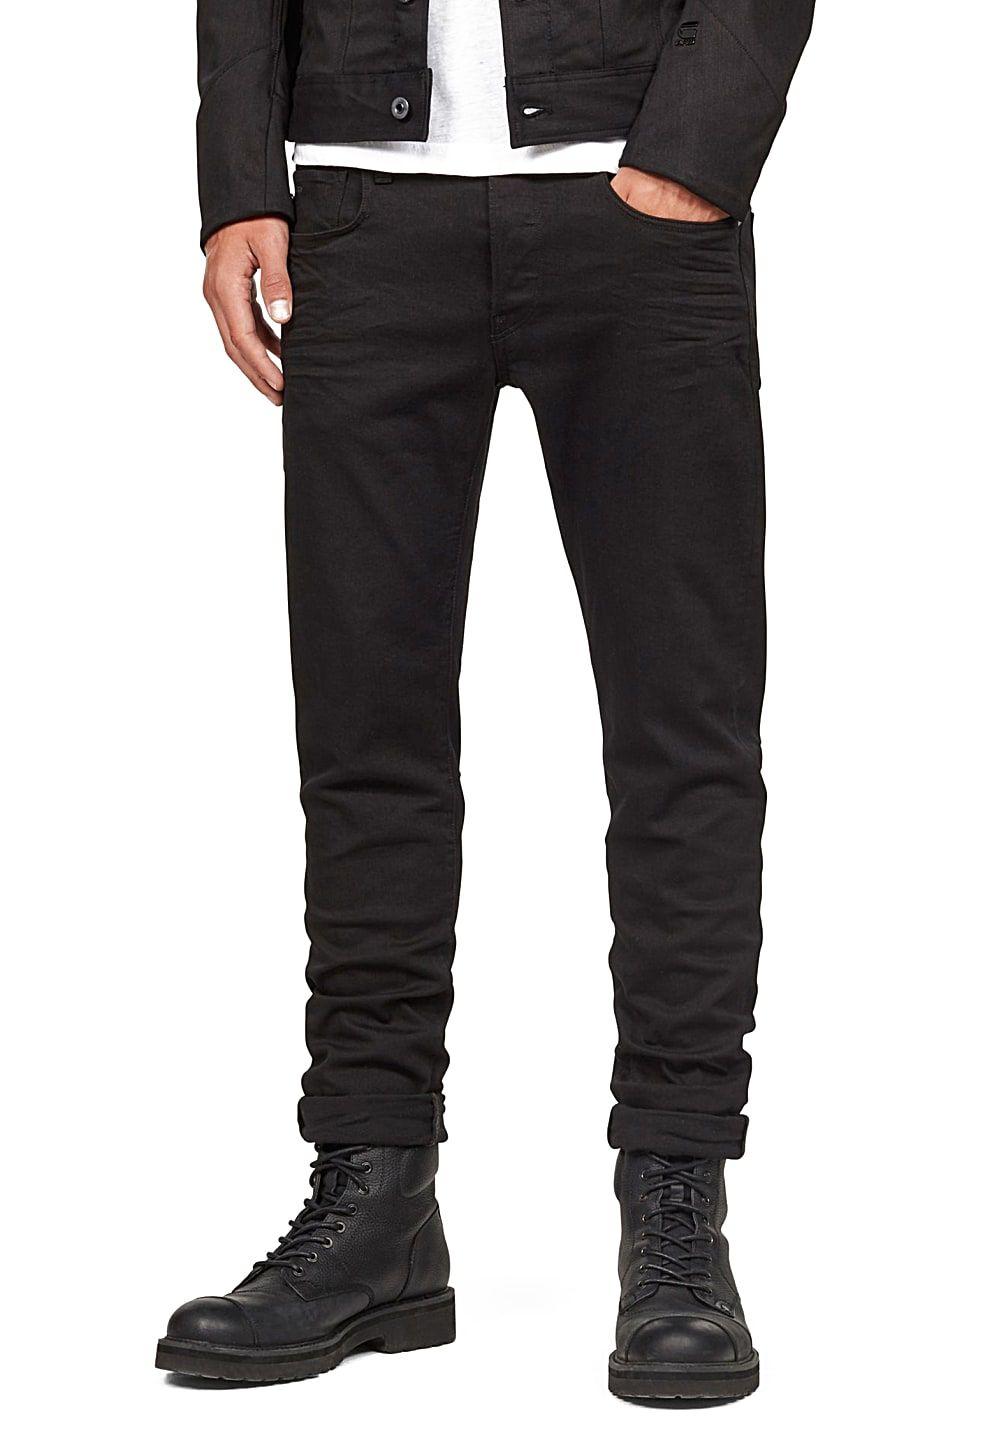 G-Star 3301 Slim - Jean pour Homme - Noir   Boutiques France ... f7d5747de976